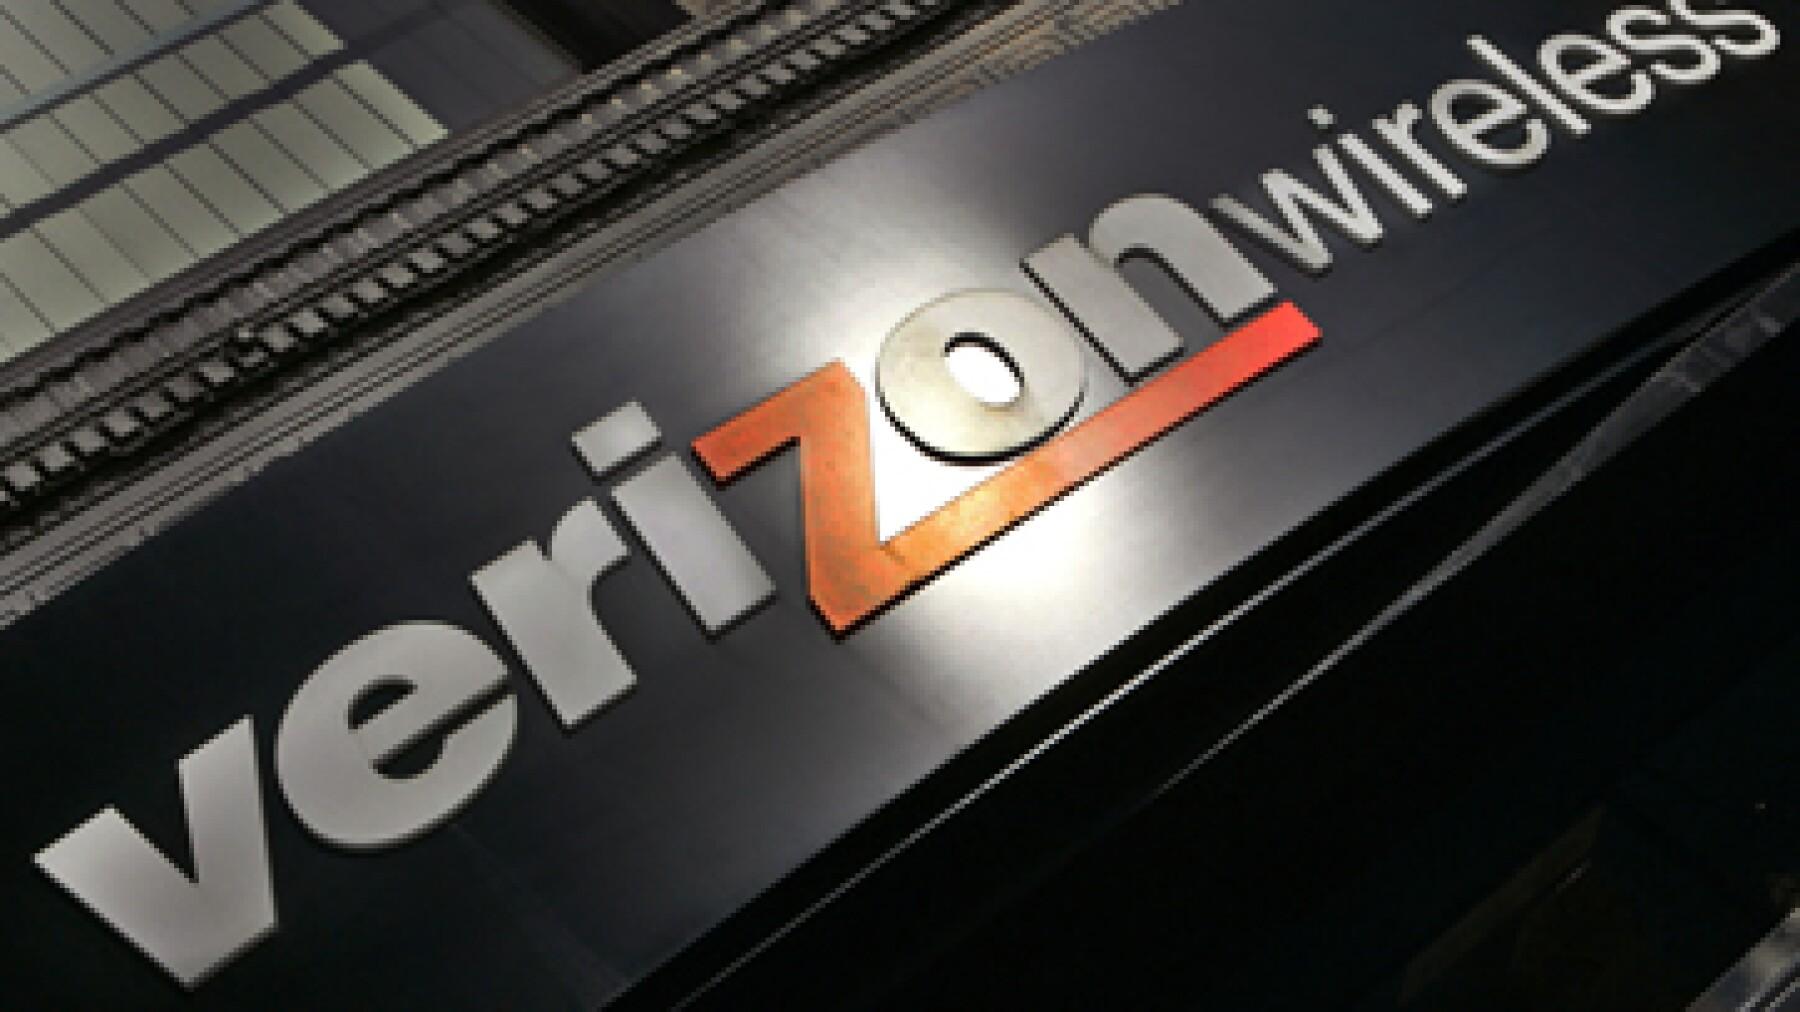 Verizon es el mayor proveedor de servicios de telecomunicaciones inalámbricas en Estados Unidos. (Foto: AP)